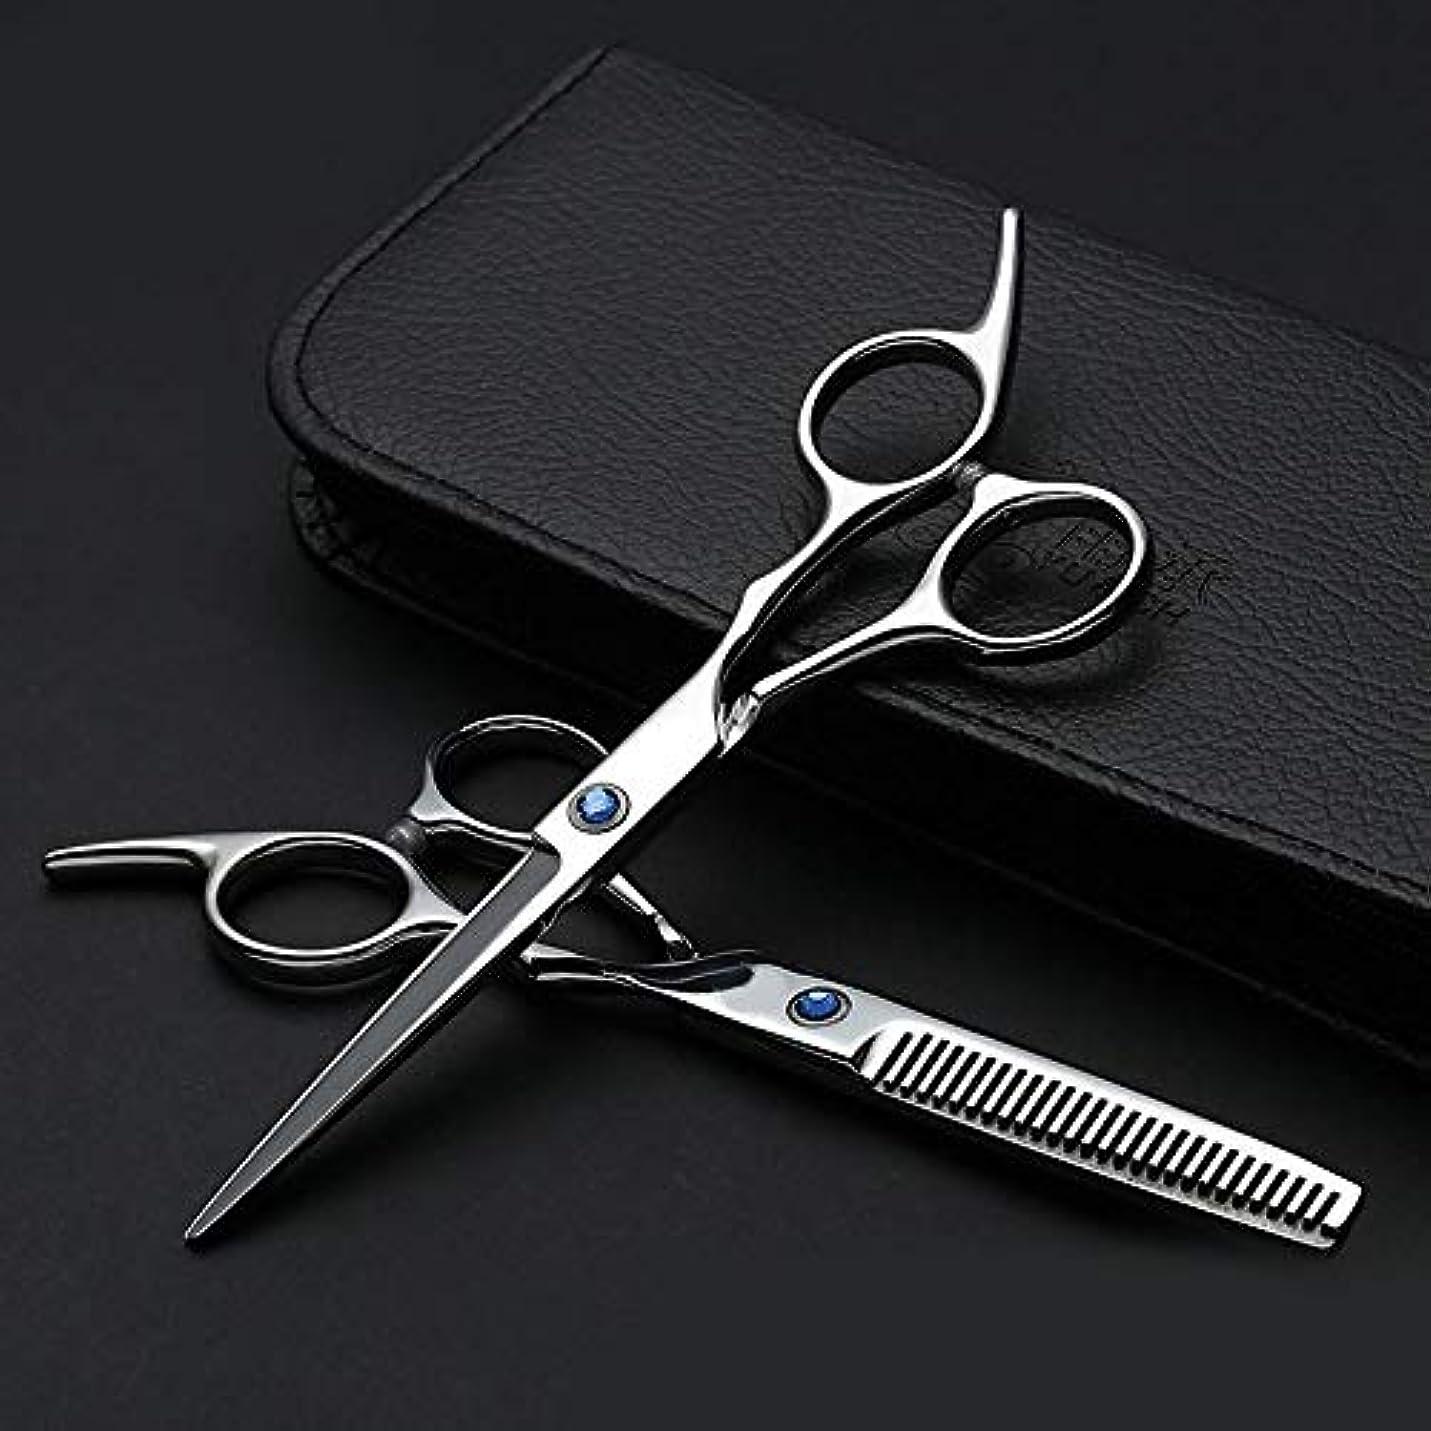 繊細広がりコミュニケーション6インチプロフェッショナル理髪セット、フラット+歯はさみセット モデリングツール (色 : Blue diamond)